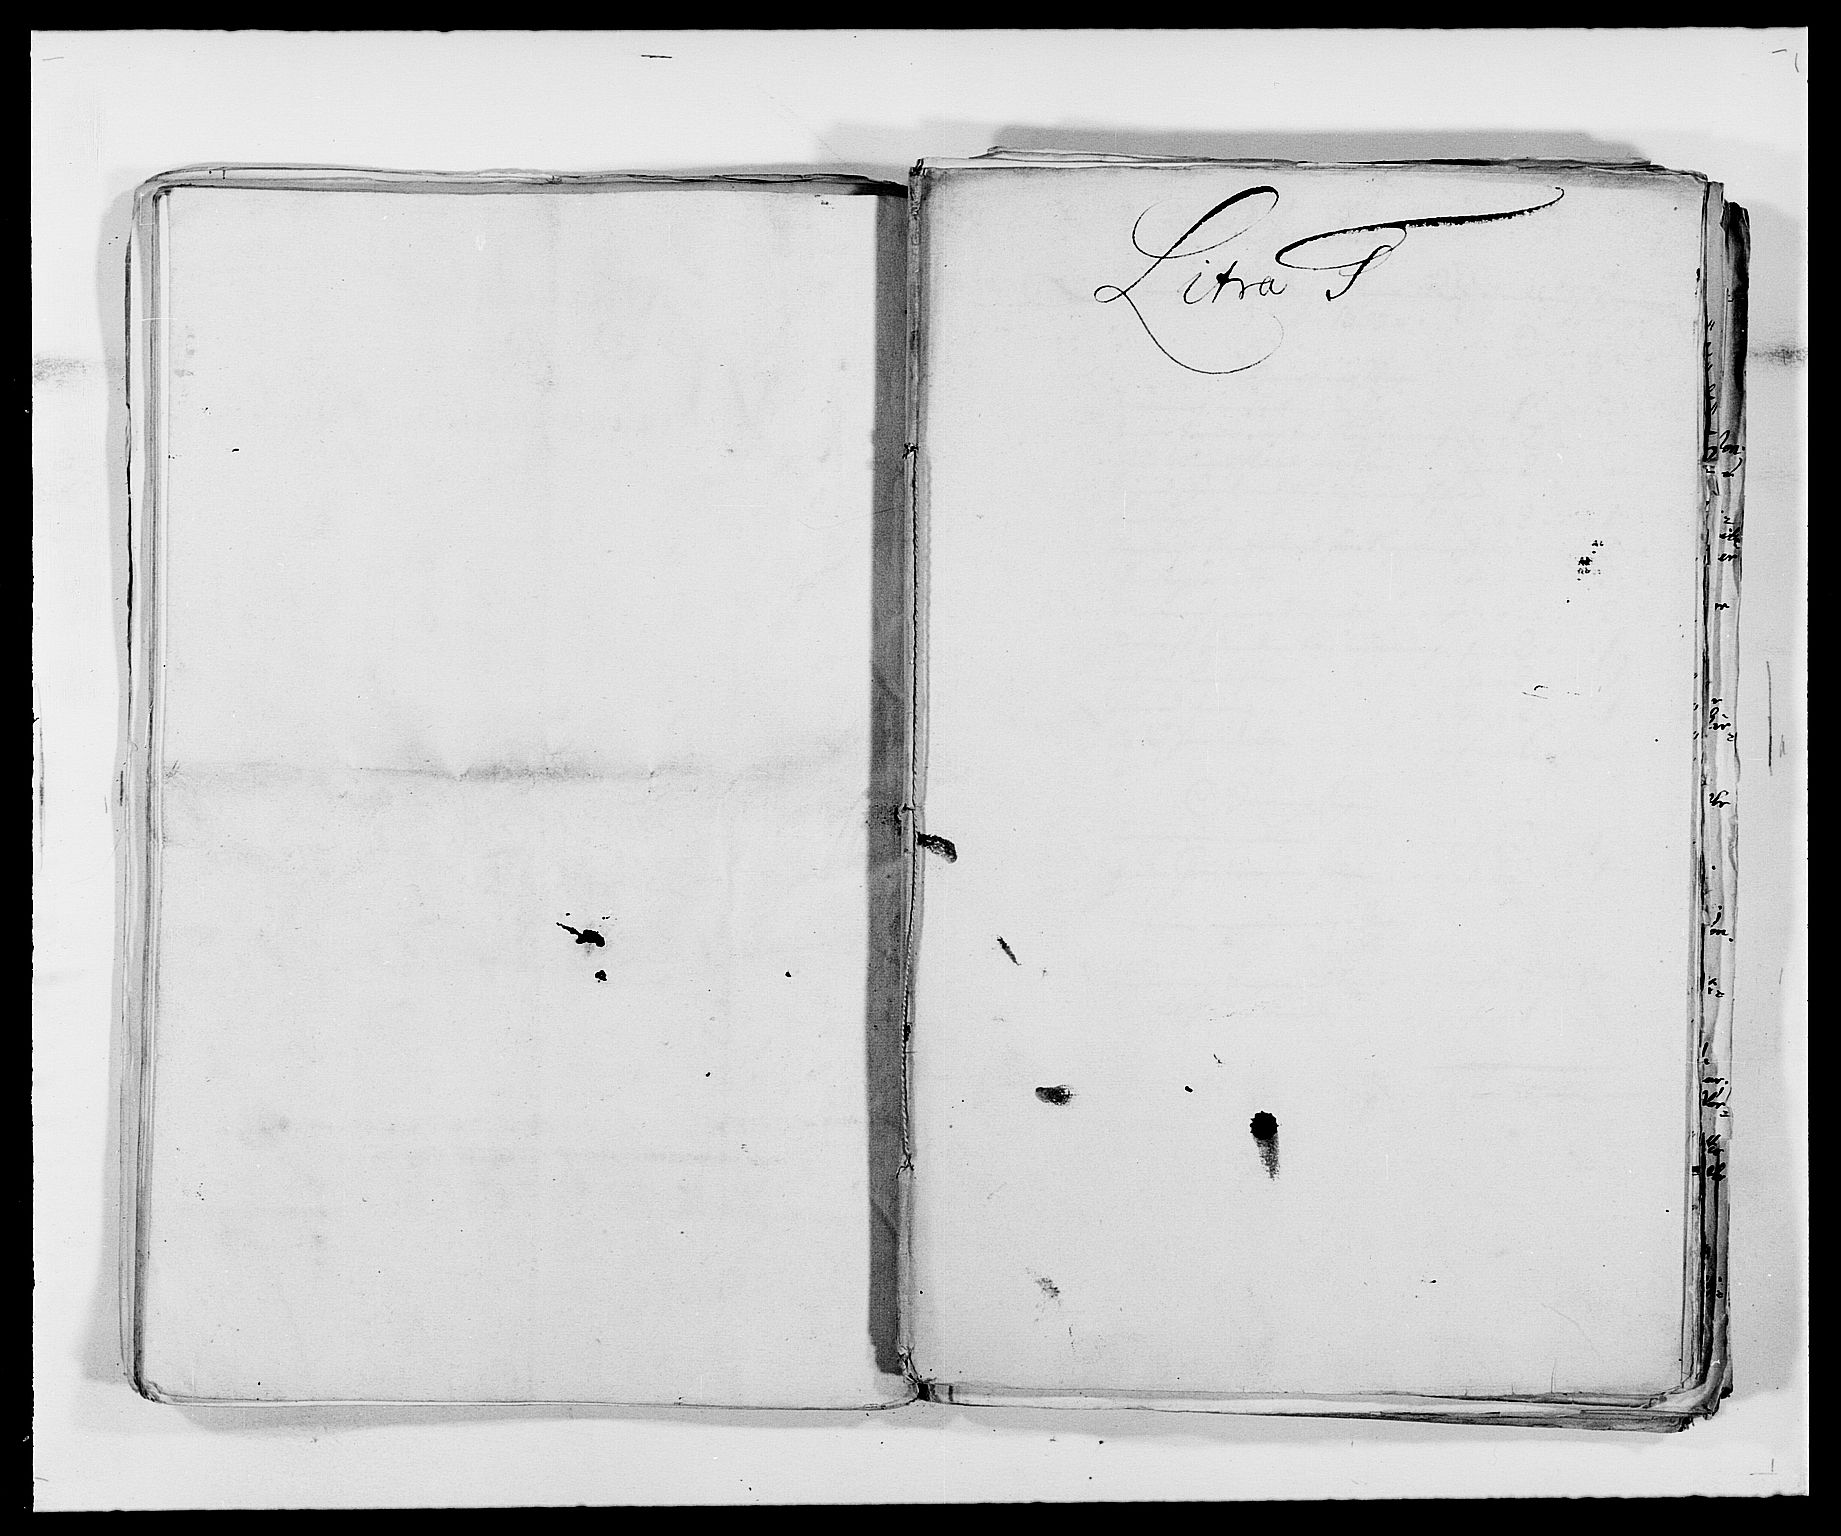 RA, Rentekammeret inntil 1814, Reviderte regnskaper, Fogderegnskap, R39/L2305: Fogderegnskap Nedenes, 1683, s. 61